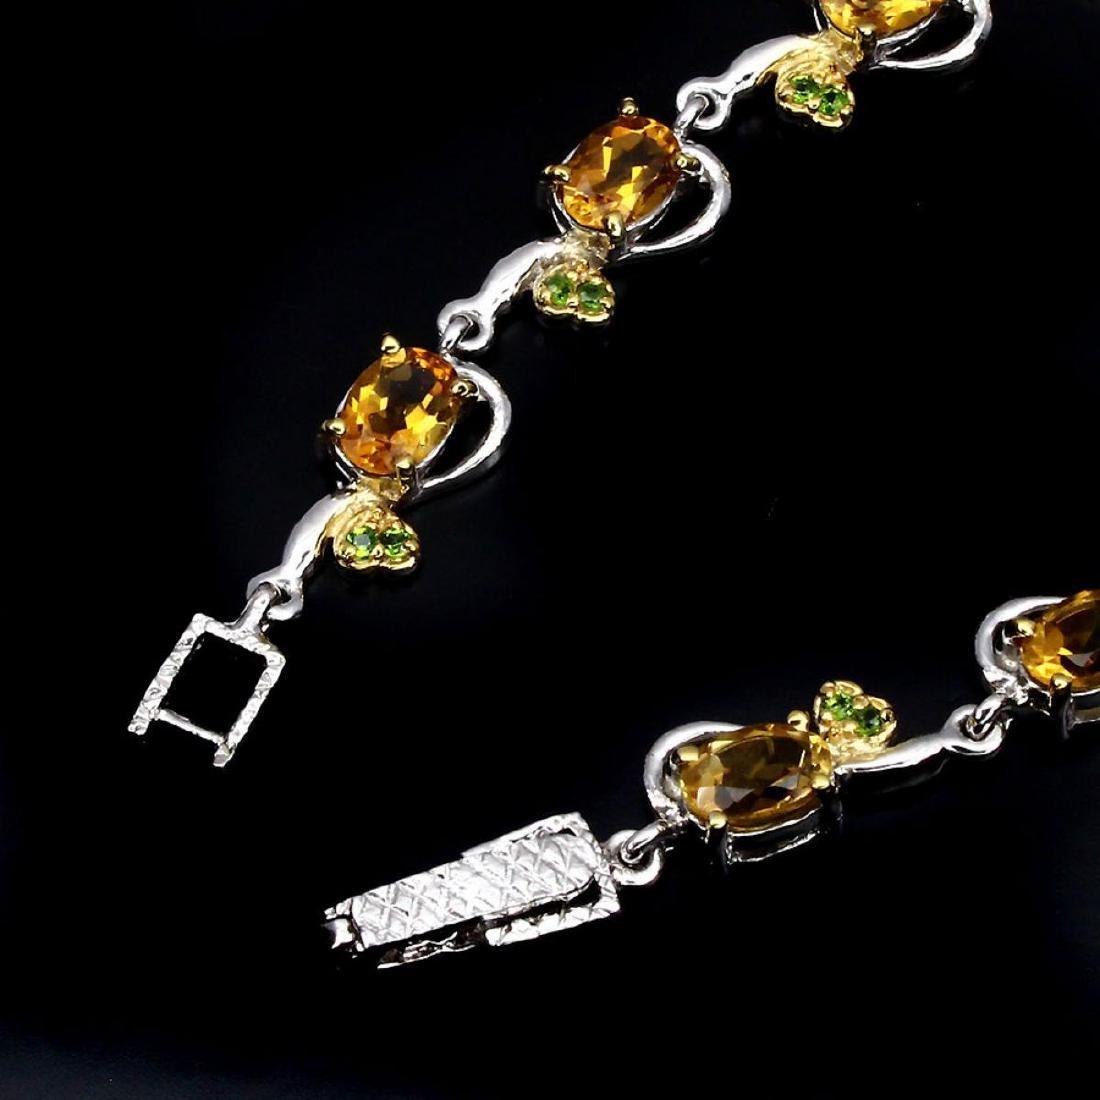 Natural Oval Citrine Chrome Diopside 65 Carats Bracelet - 2